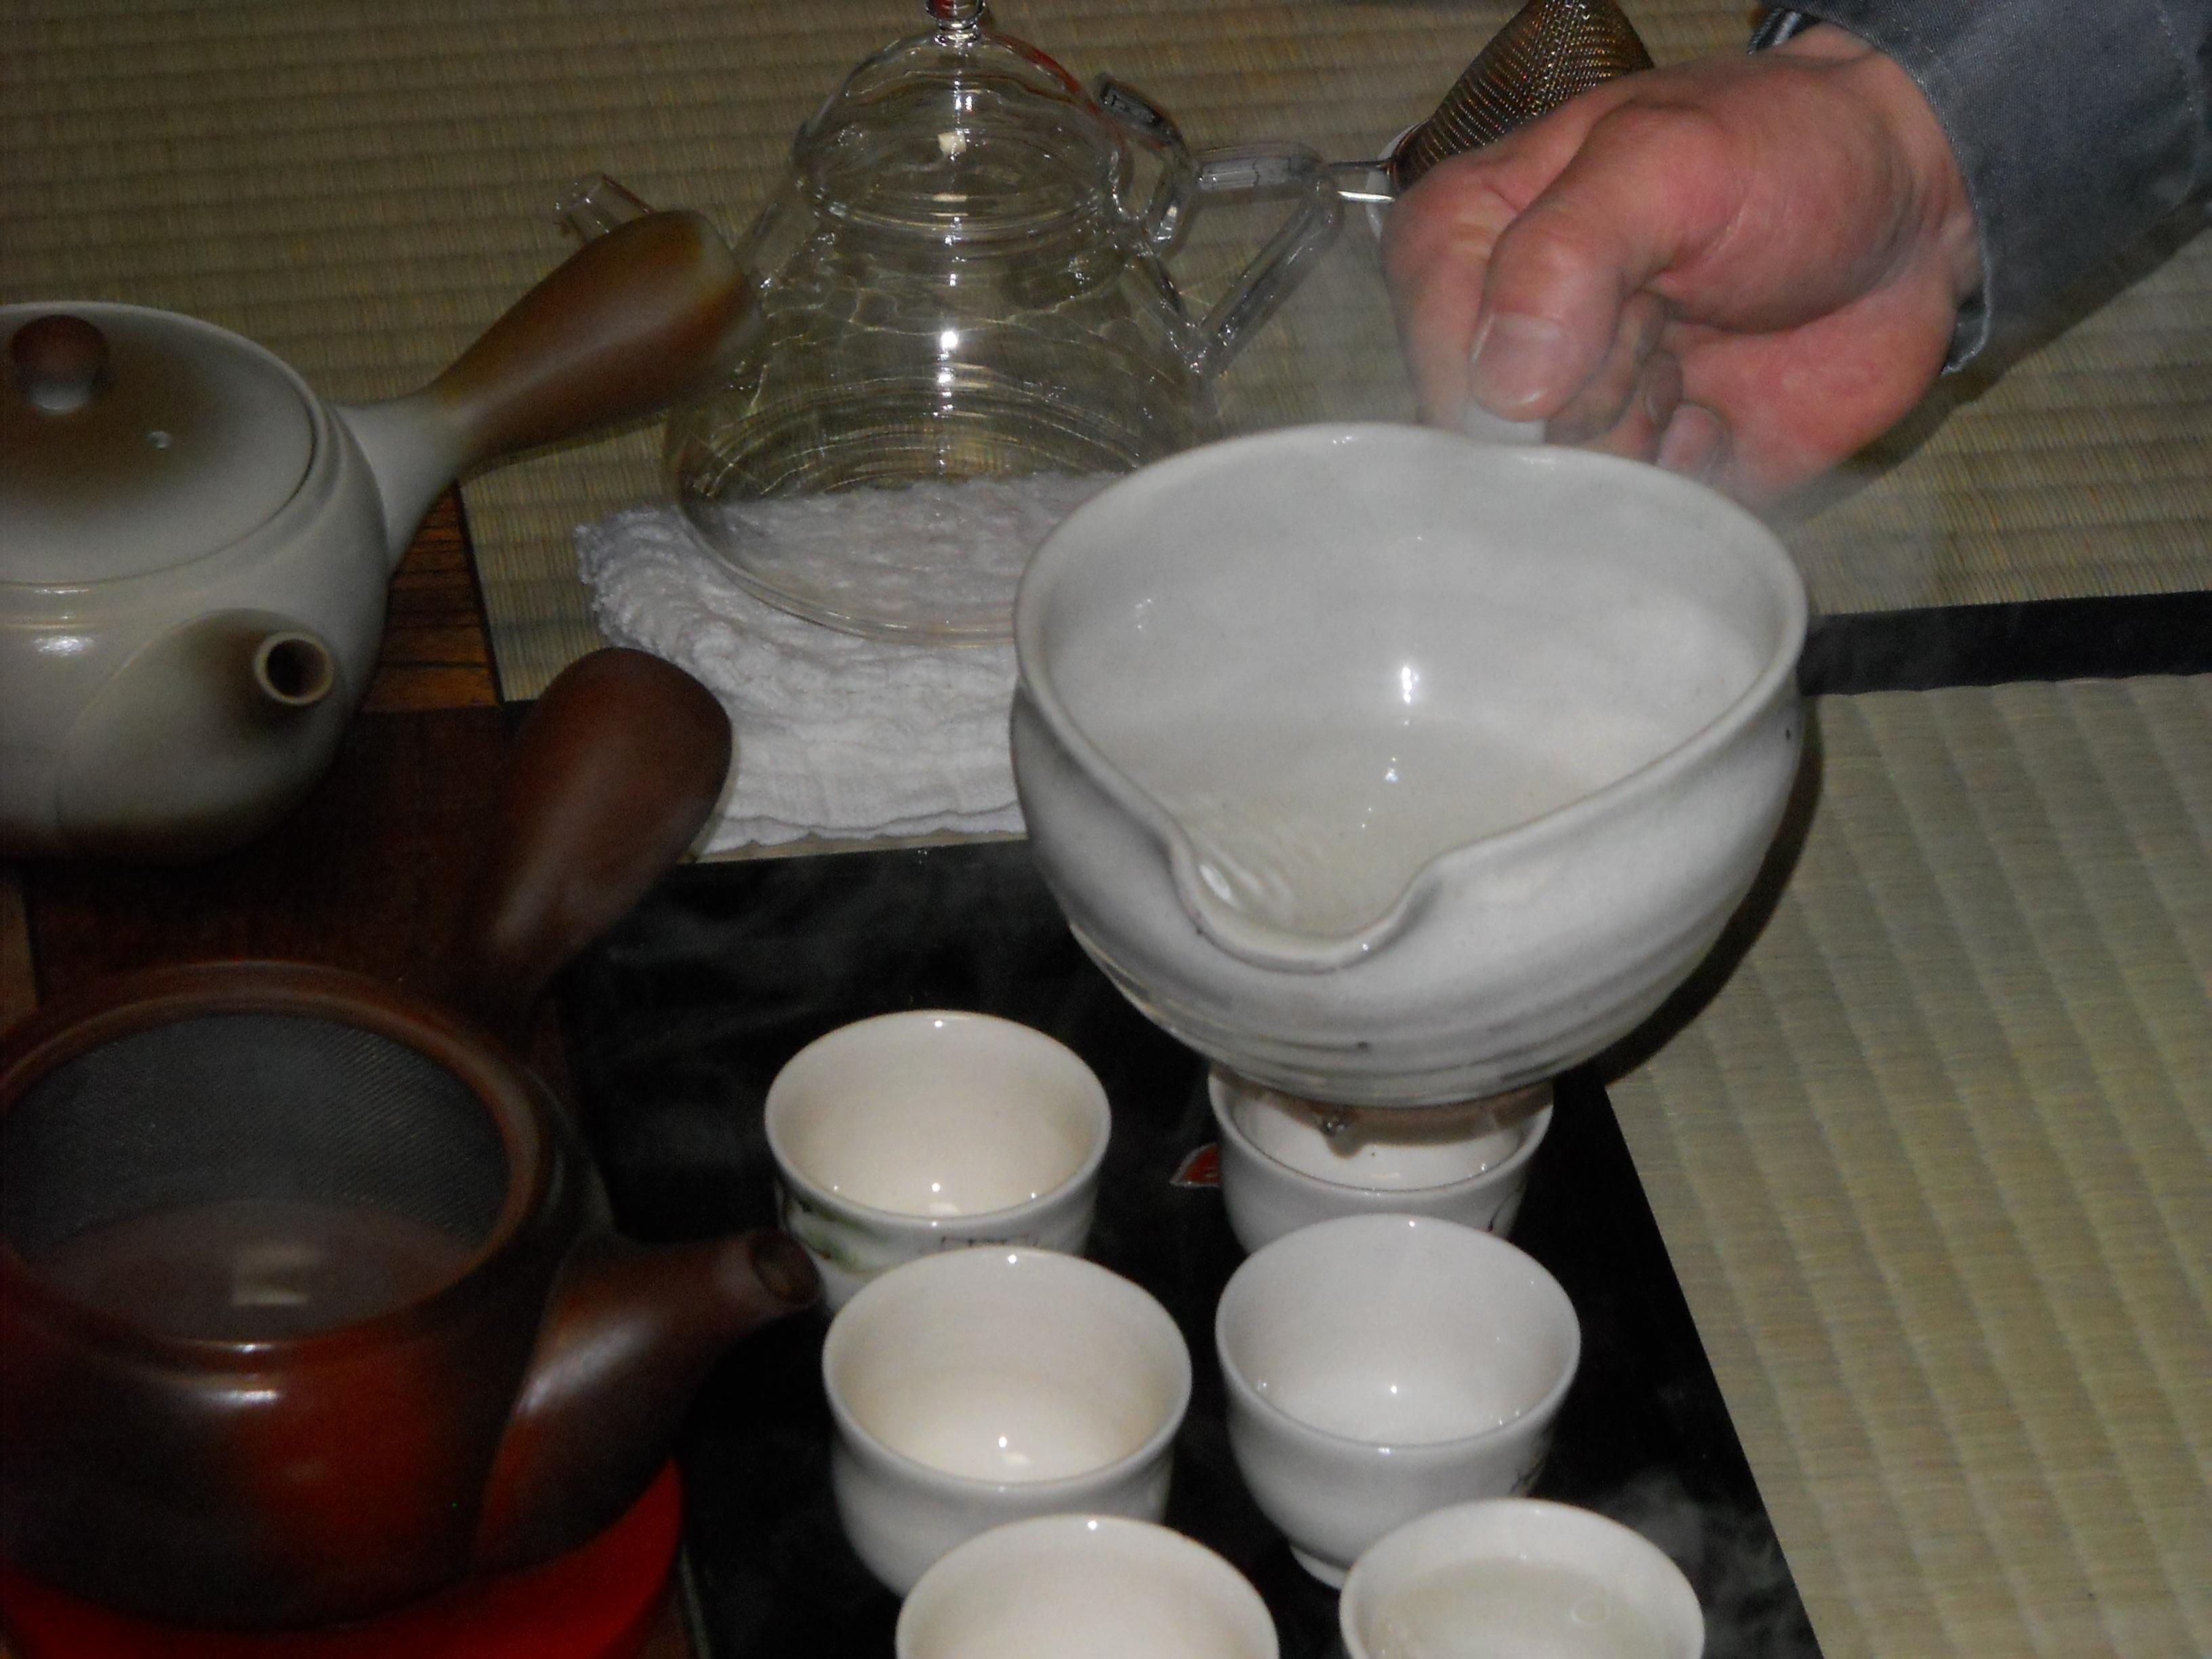 ☆暮らしを彩るティーライフ「お茶講座」お茶で温活!≪1回コース≫申込締切:募集は終了しました イメージ